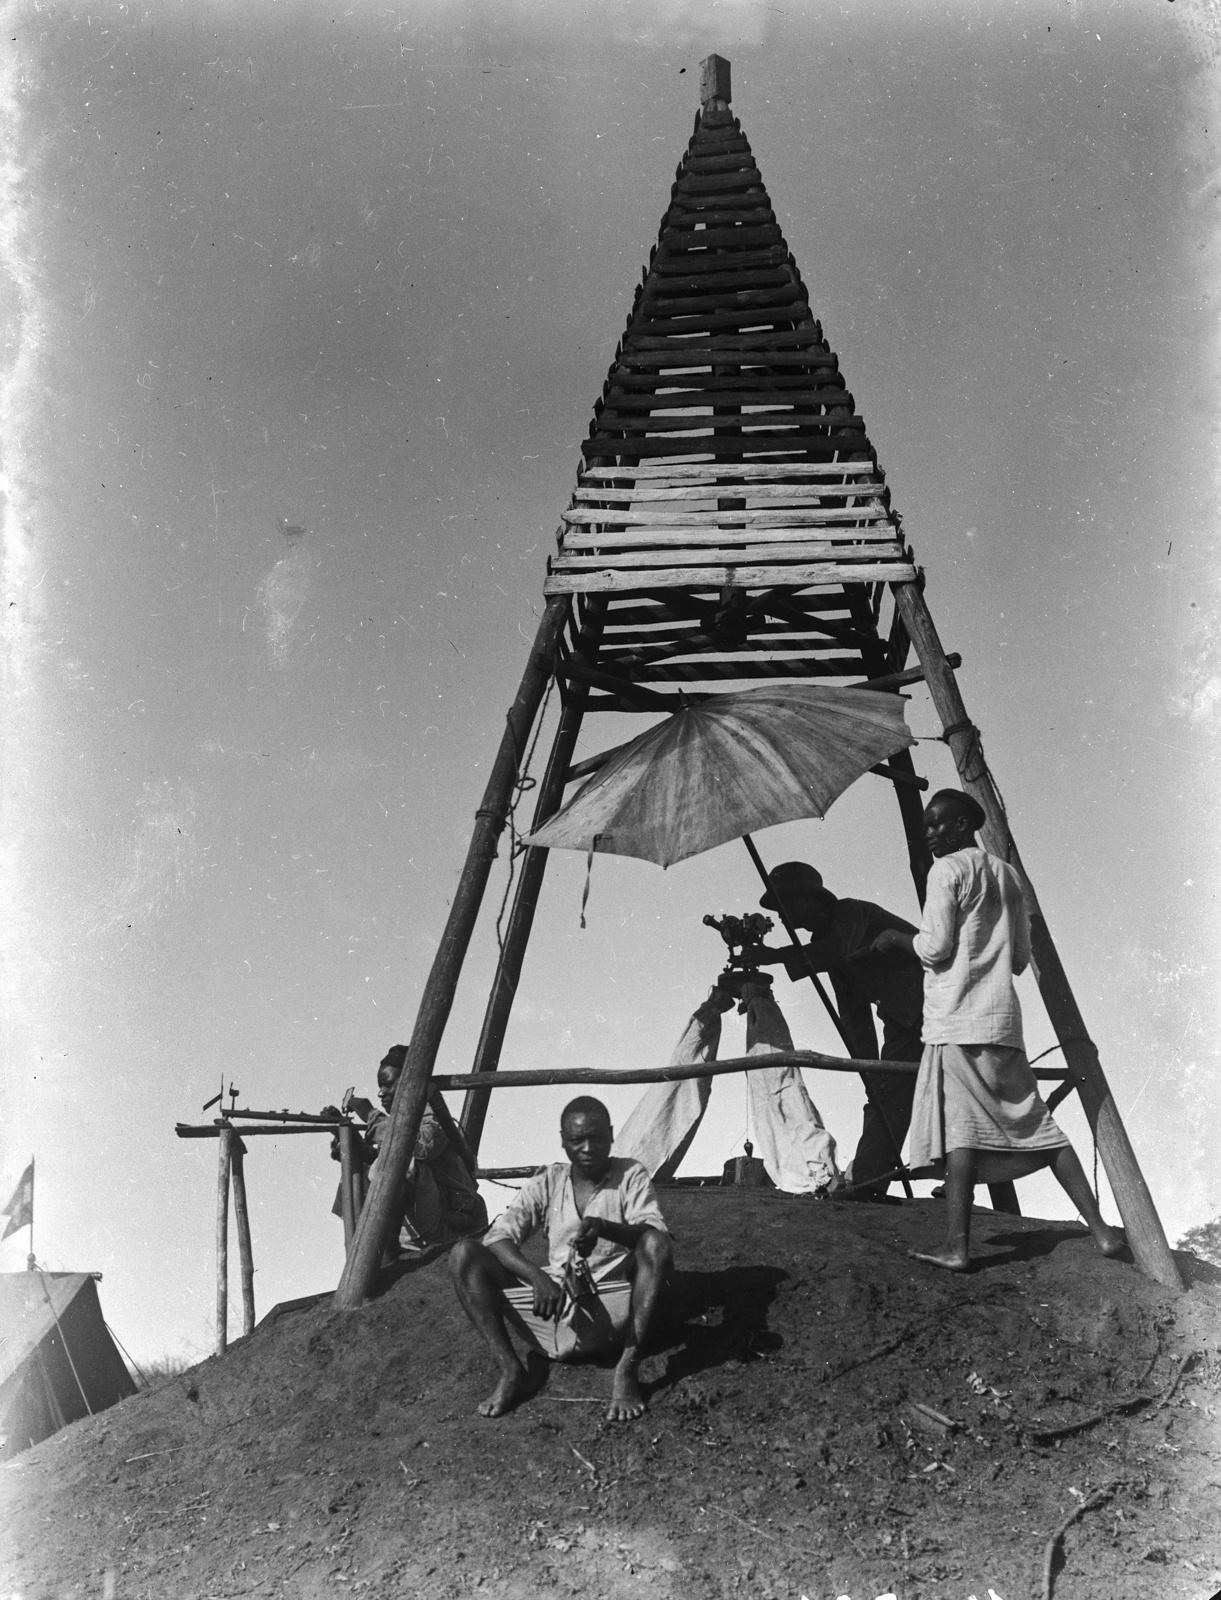 41. Бамба. Инспектор, работающий с измерительным прибором под пирамидальной деревянной конструкцией